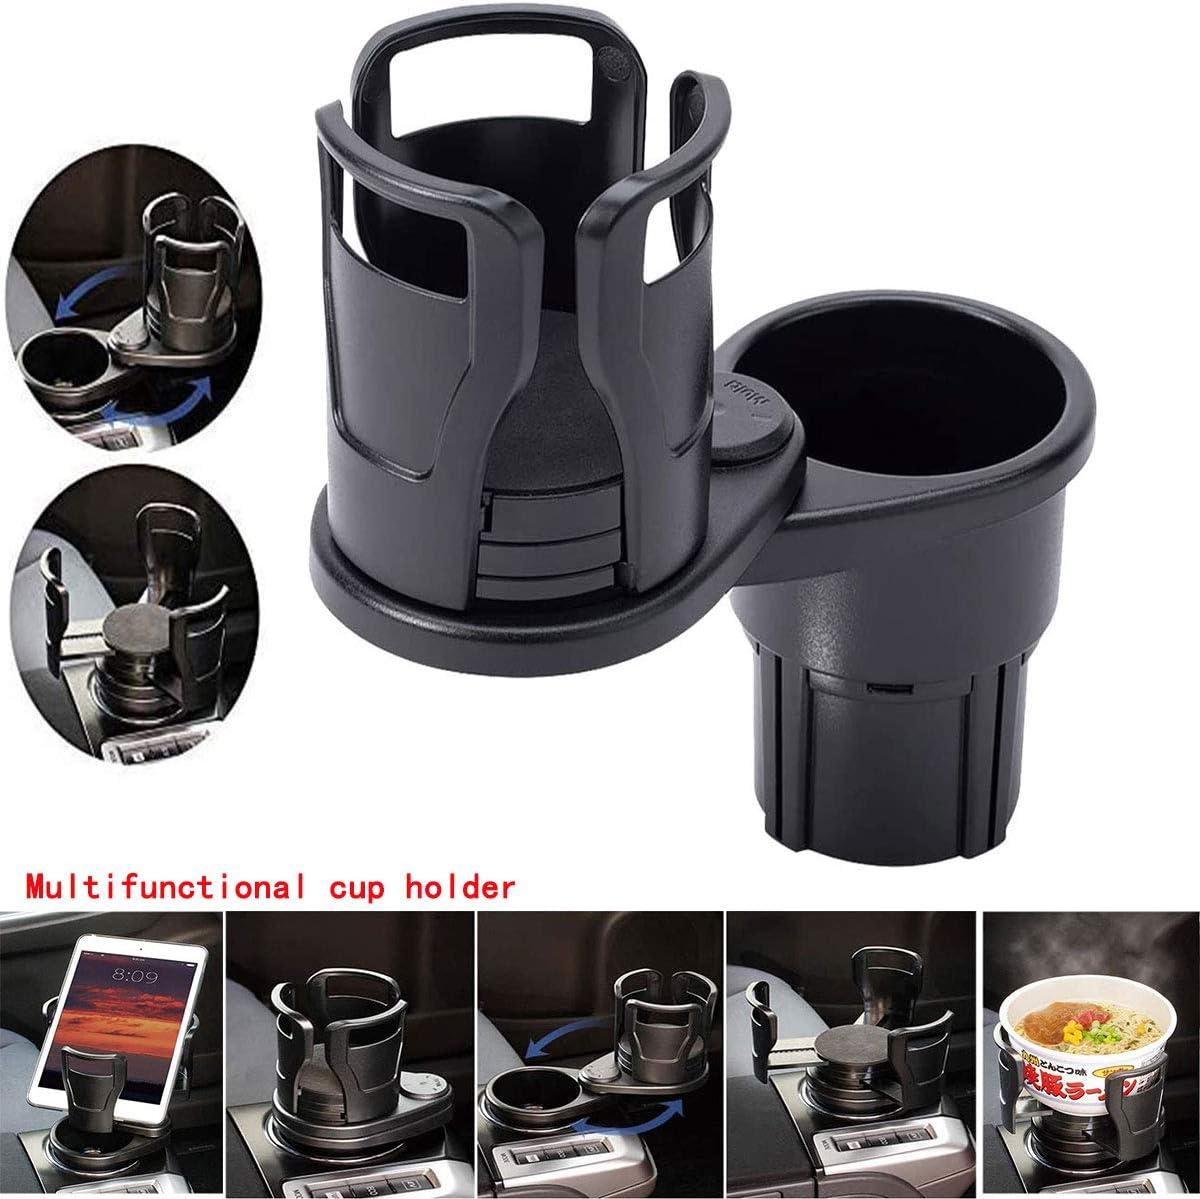 Jinger Multifunctional car Cup Holder Extender, car Beverage Cup Holder Size Adjustable Water Cup Holder with 360°Rotating Adjustable Base, can Hold Coffee, Beverage Bottles (car Cup Holder Extender)